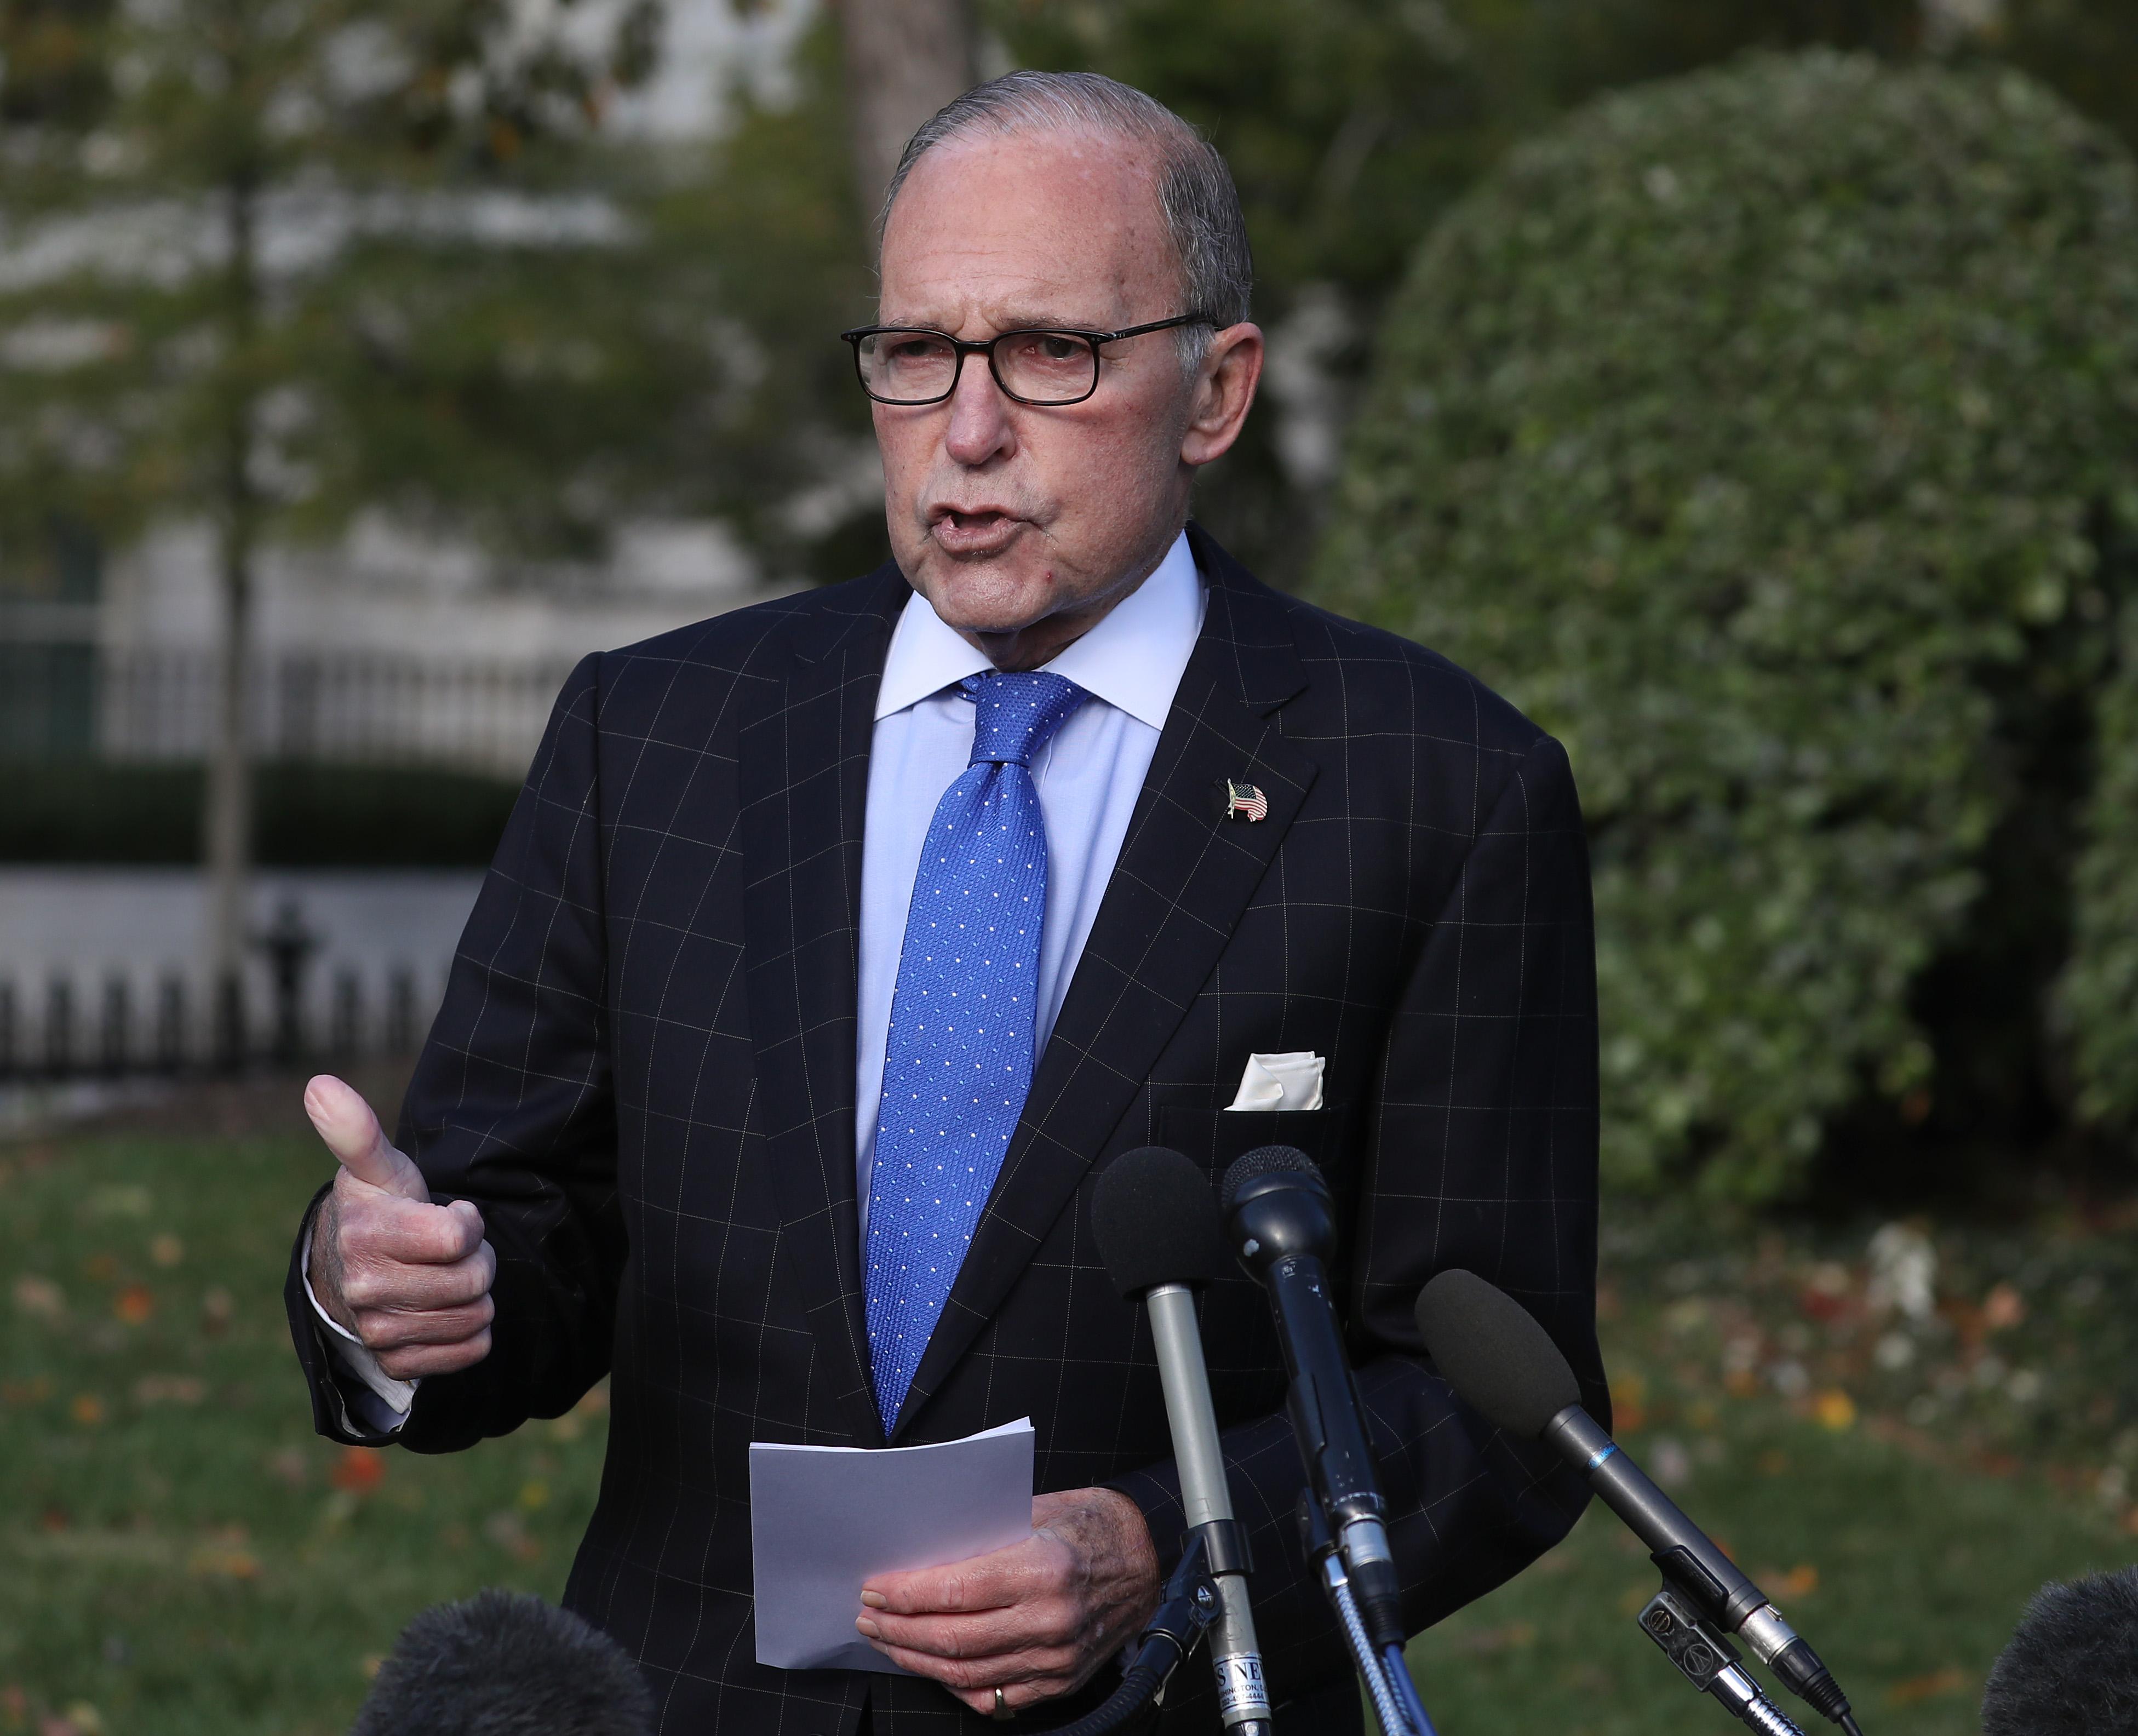 庫德洛:特朗普政府對中共近期行為感到憤怒